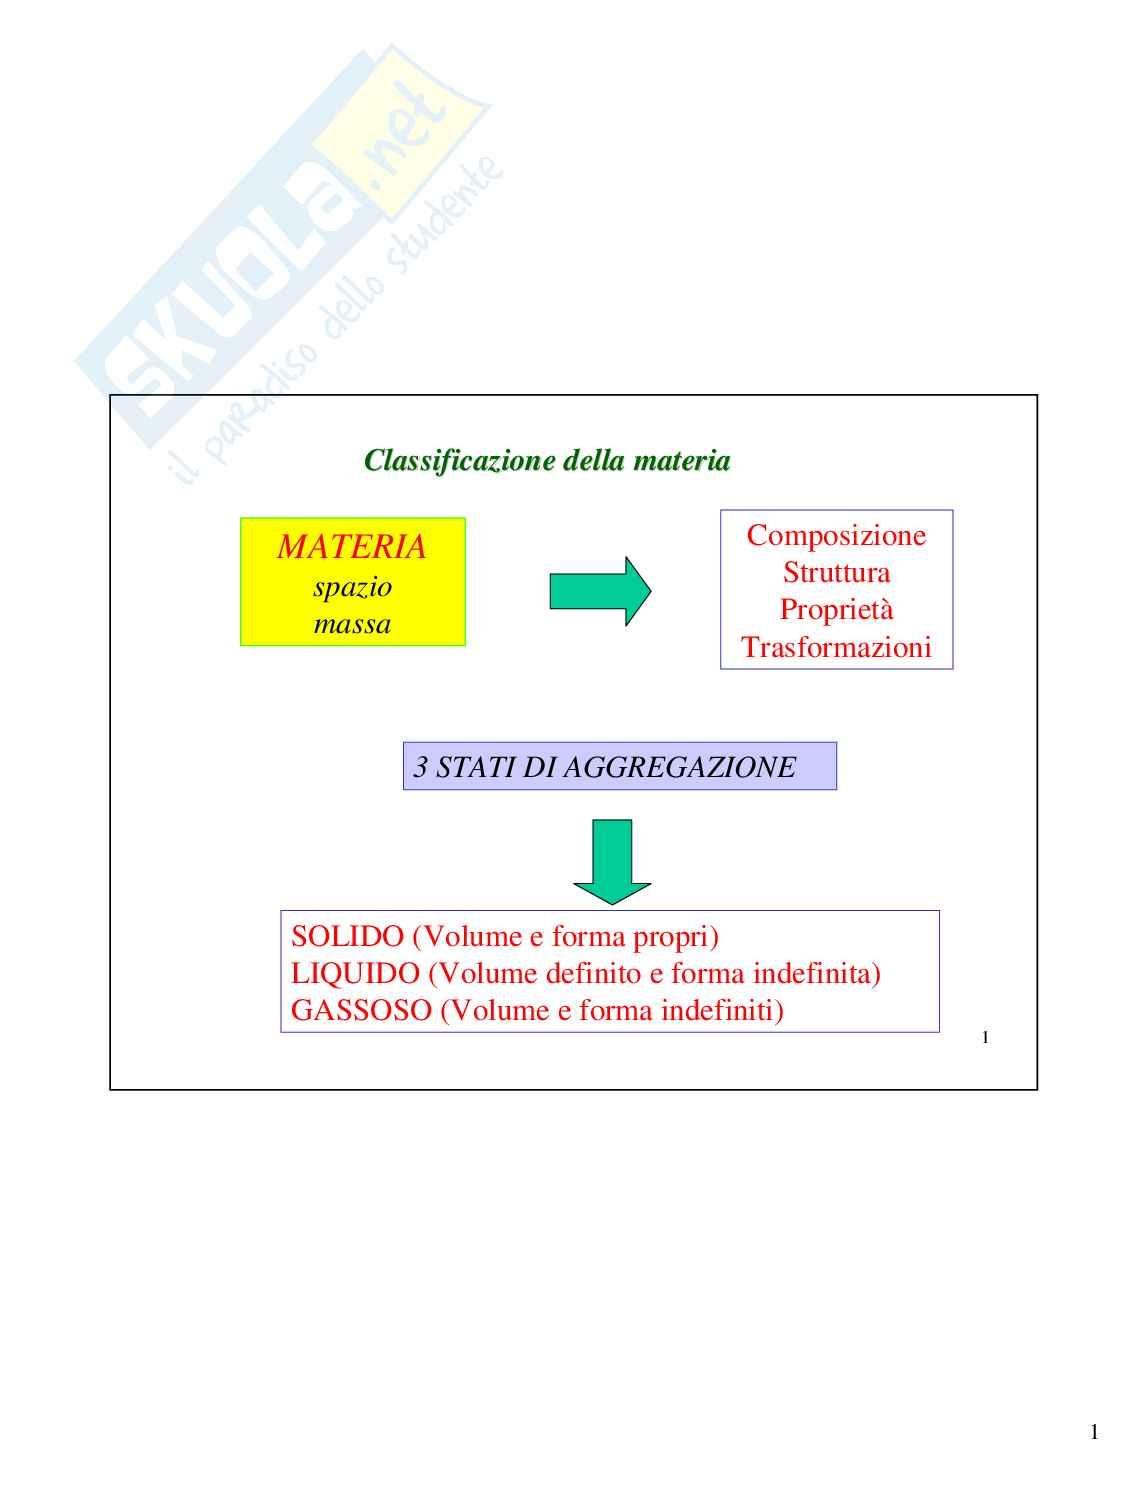 Chimica generale - nozioni